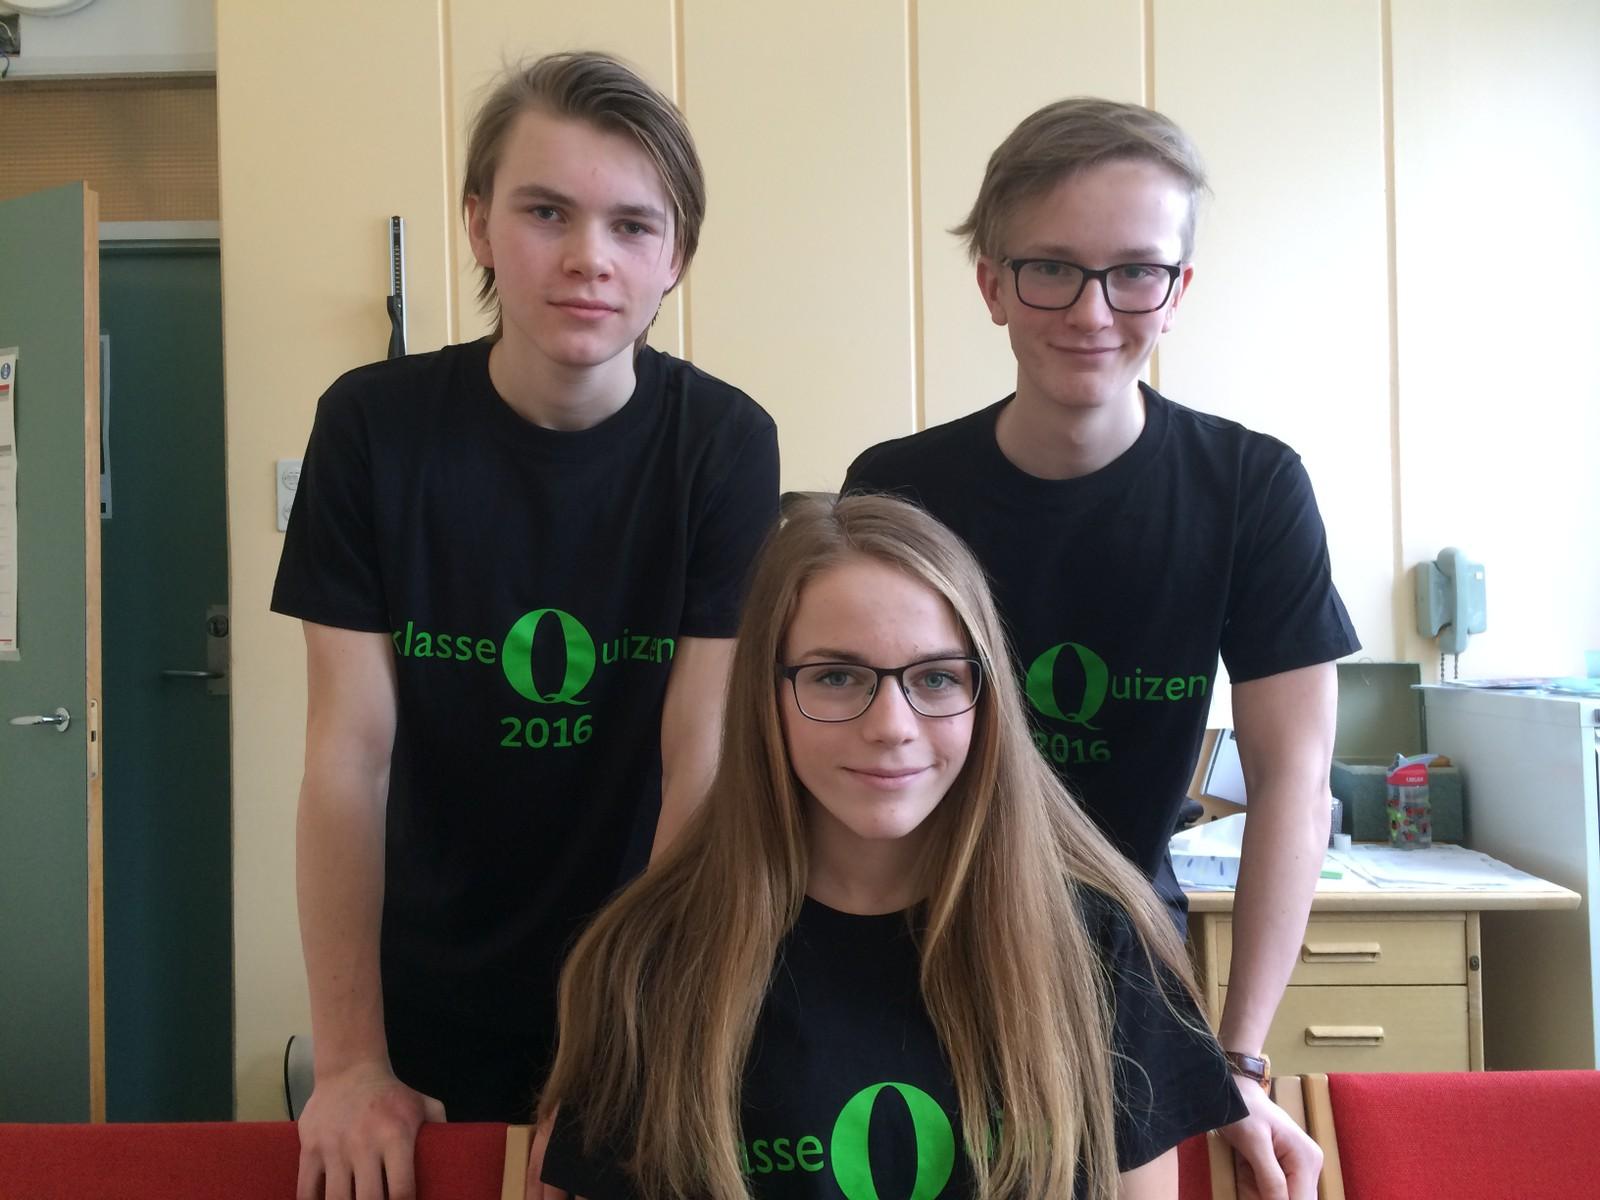 Tråstad ungdomsskole i Kongsvinger klarte 10 rette (for tredje året på rad!). Deltagerne: Oliver Risberg, Anna Braathen og Halvor Nordli.